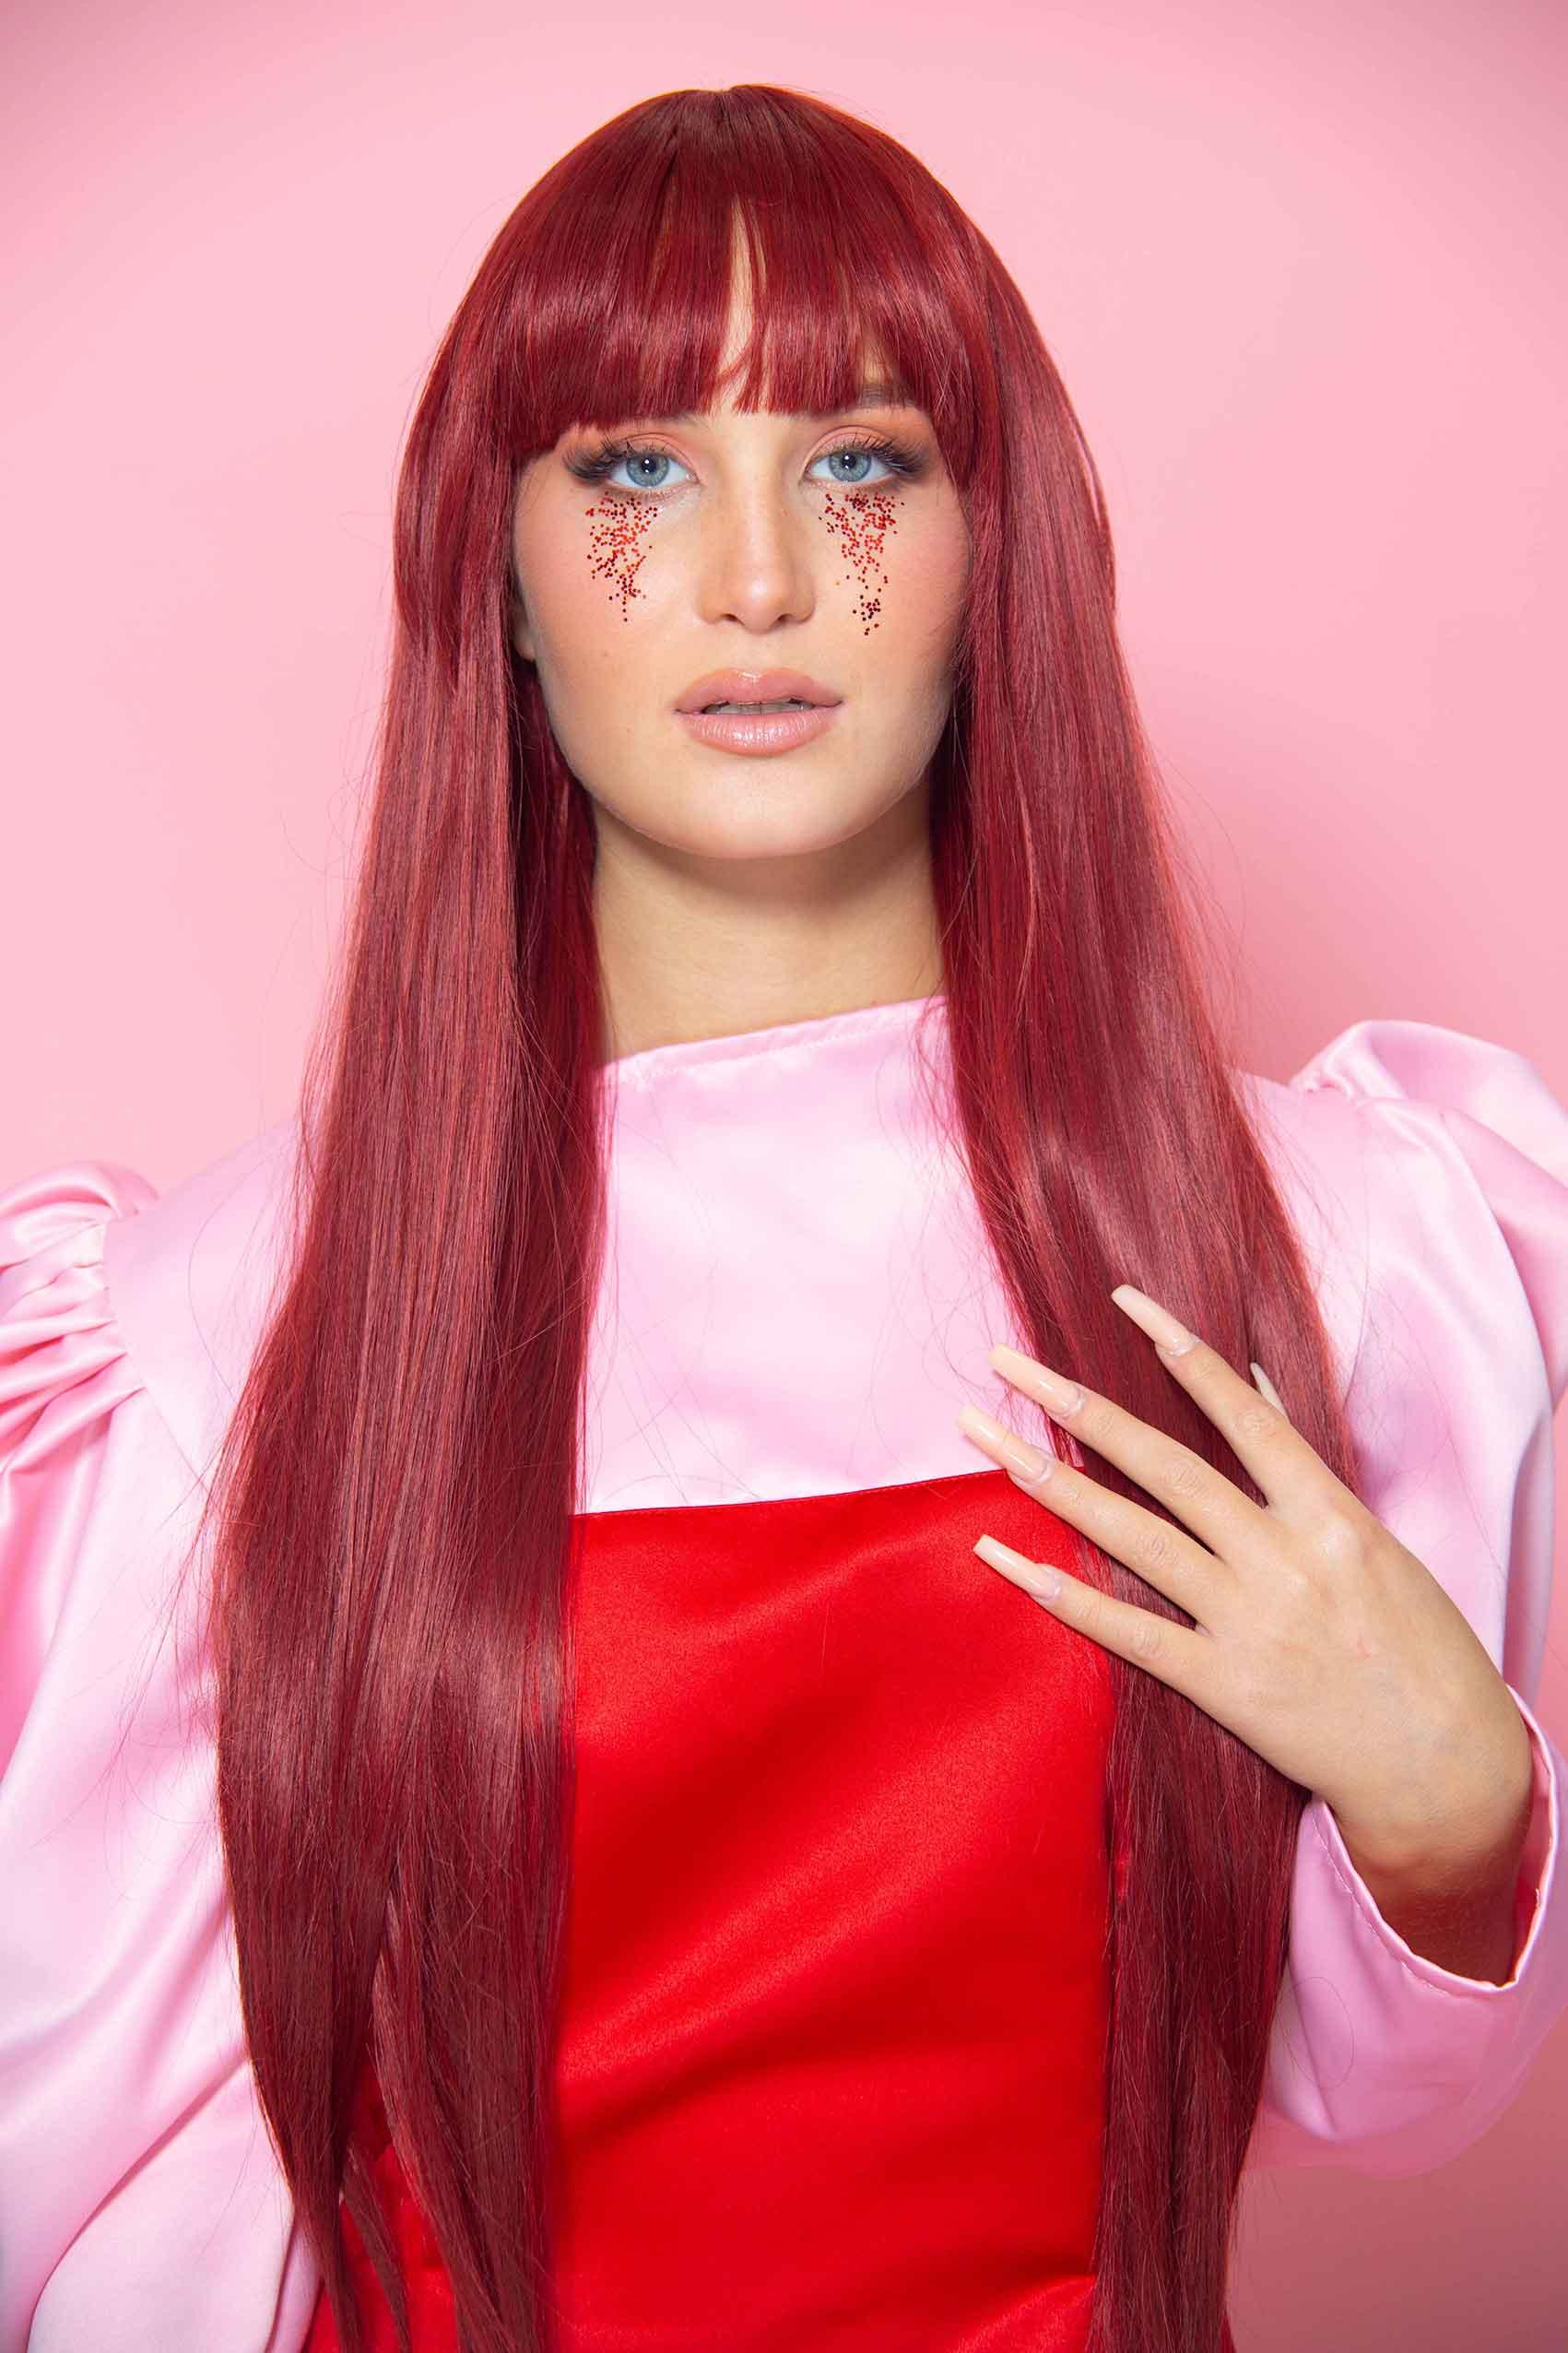 מגזין-אופנה-אונליין-ביוטי-Somebody to Love - צילום: ענבל אולגה רביץ, סטיילינג: שני בנבניסטי, איפור: נועם בן דויד, עיצוב שיער: מוריה הראל, דוגמנית: שלי ארנסבורג